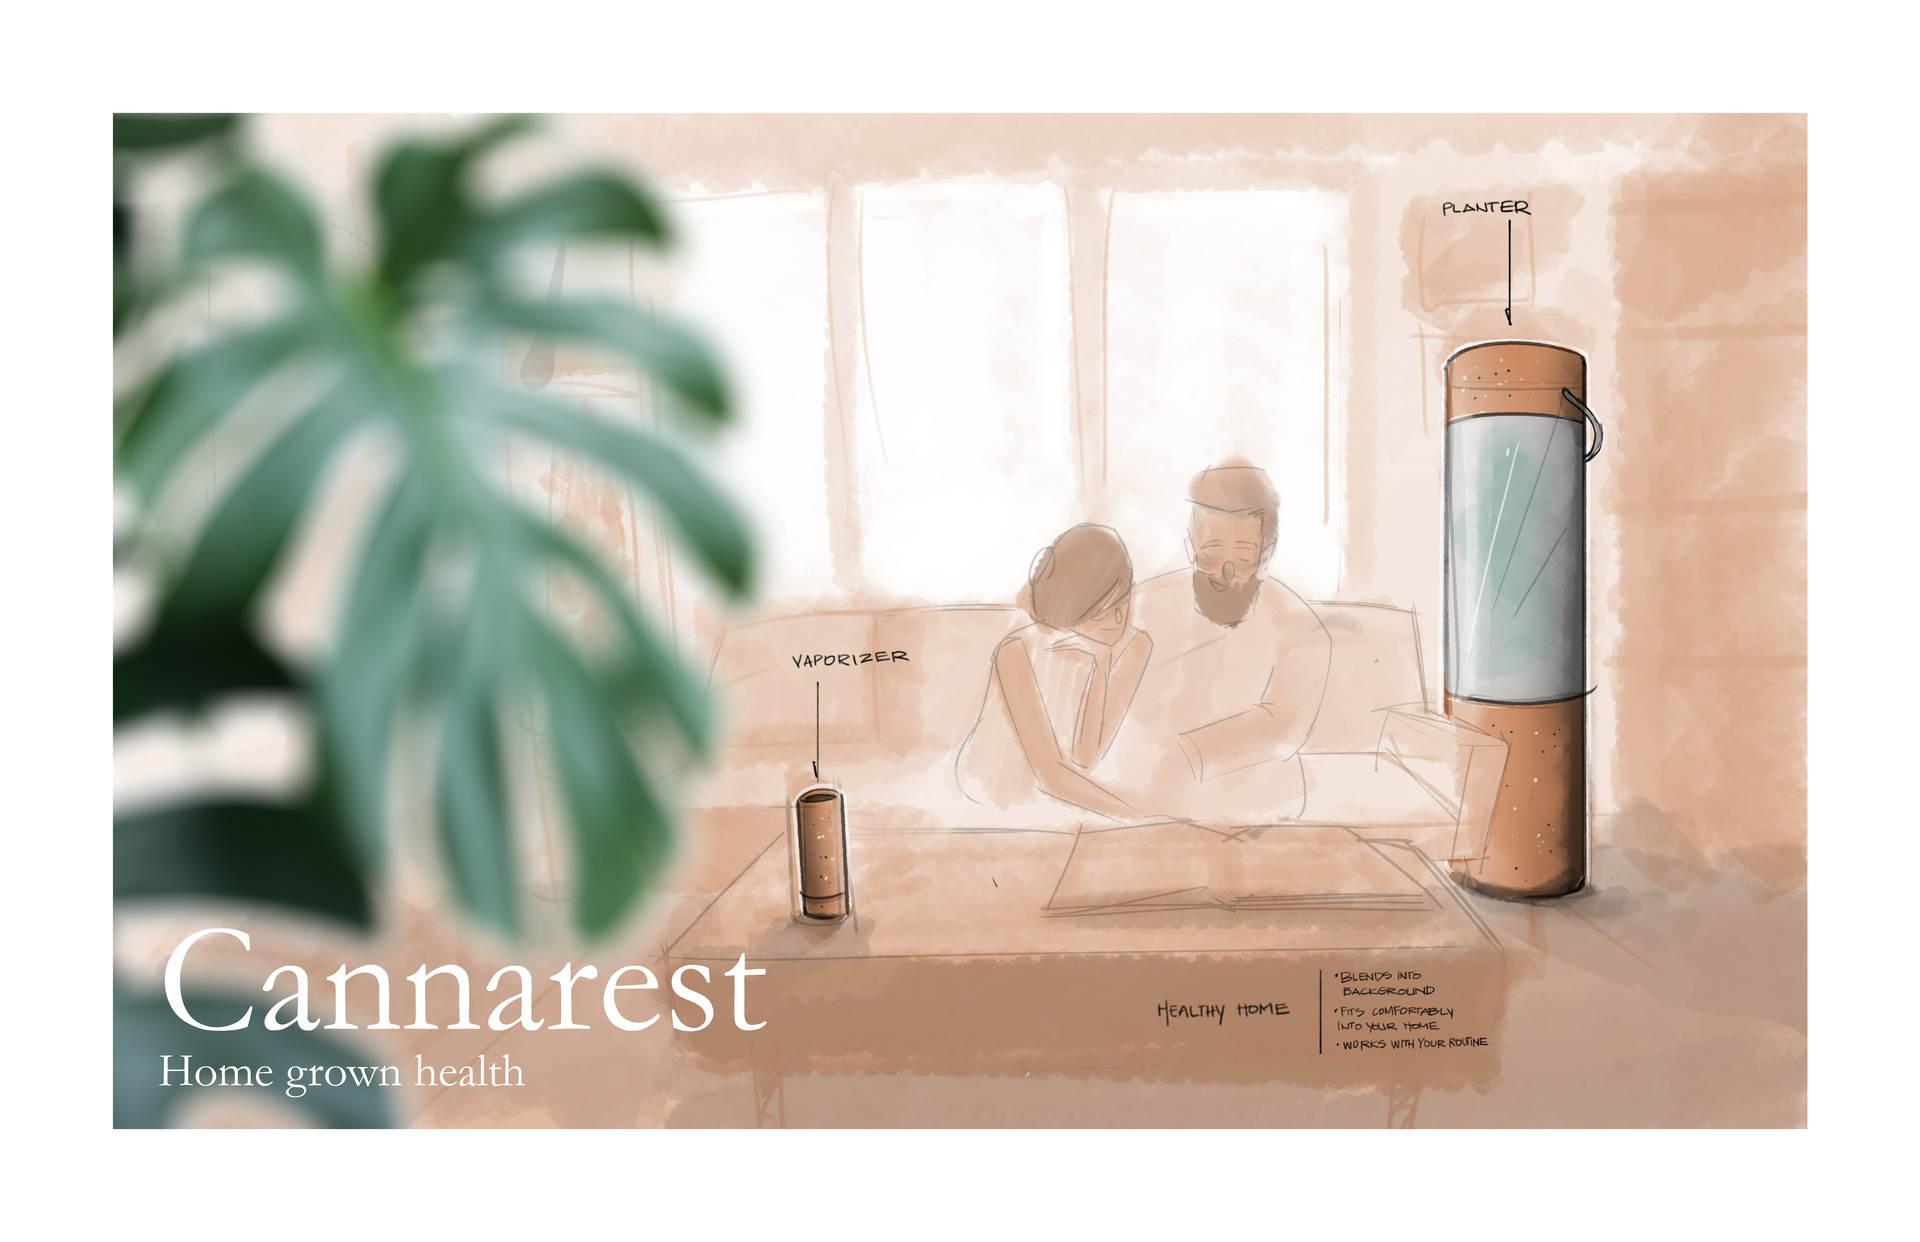 Cannarest - Matt Marchand-31.jpg